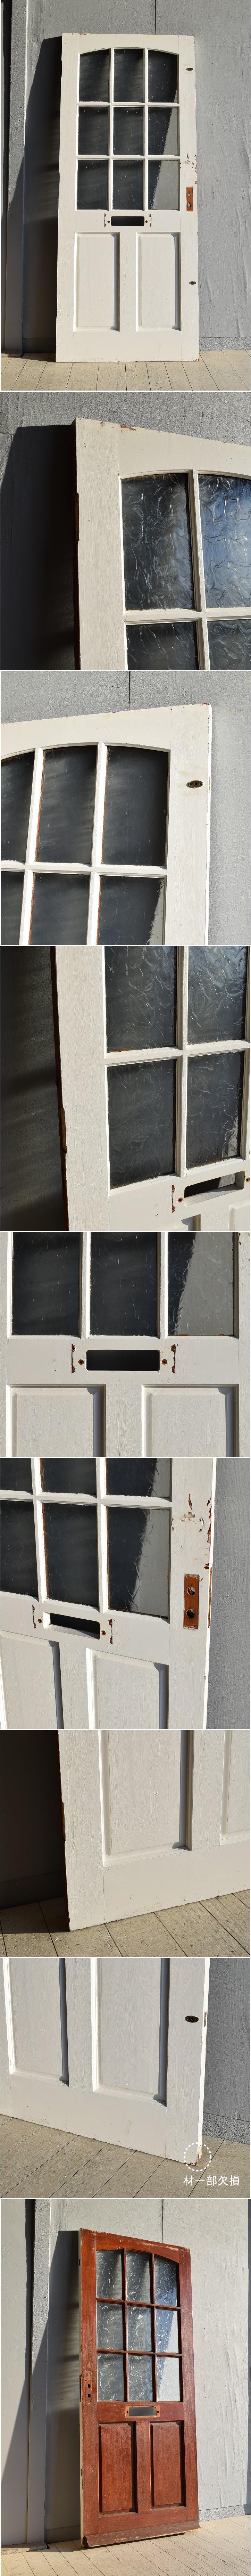 イギリス アンティーク ガラス ドア 扉 ディスプレイ 建具 7883